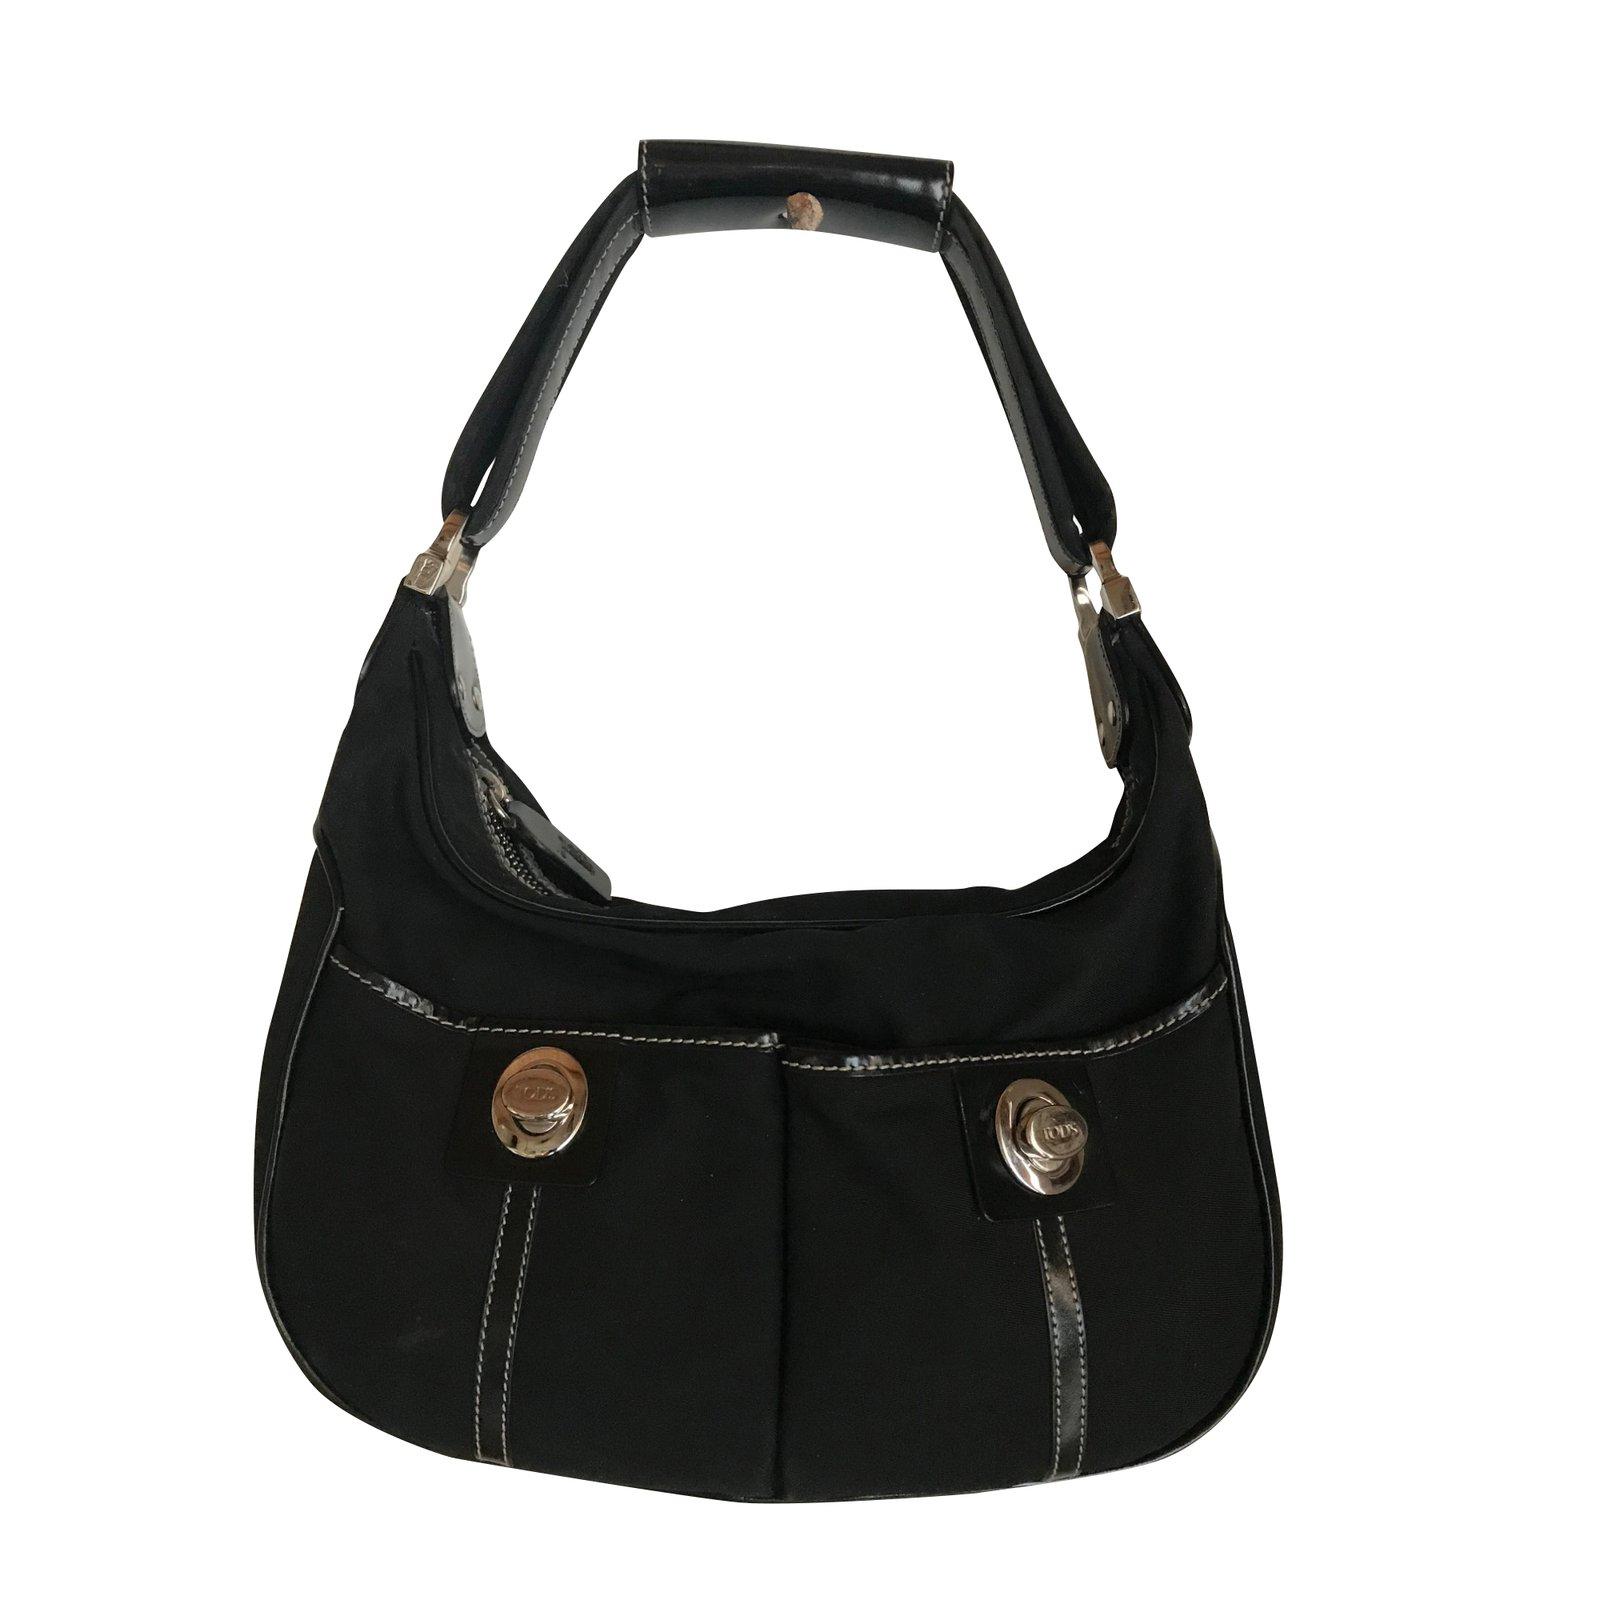 Tod s Tod s bag Handbags Cloth Black ref.100634 - Joli Closet 9007f17ea24d6